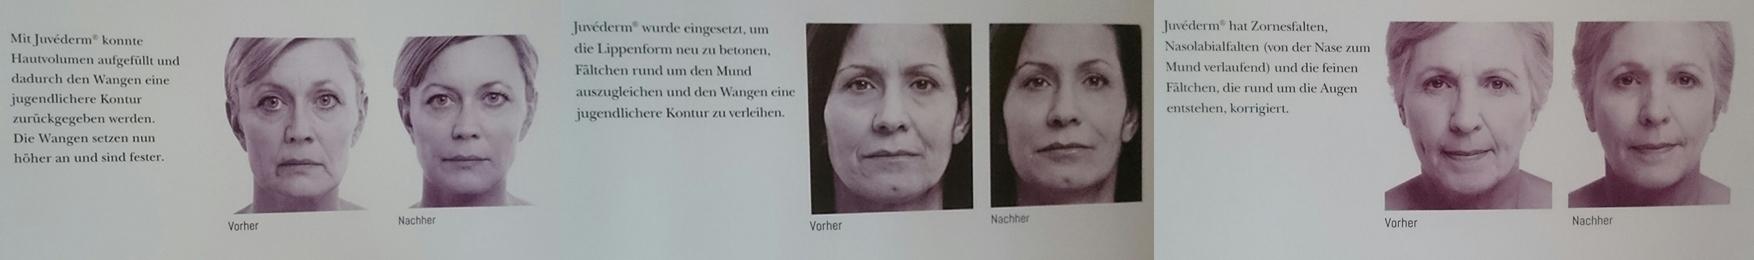 Weitere Juvederm-Behandlungsergebnisse